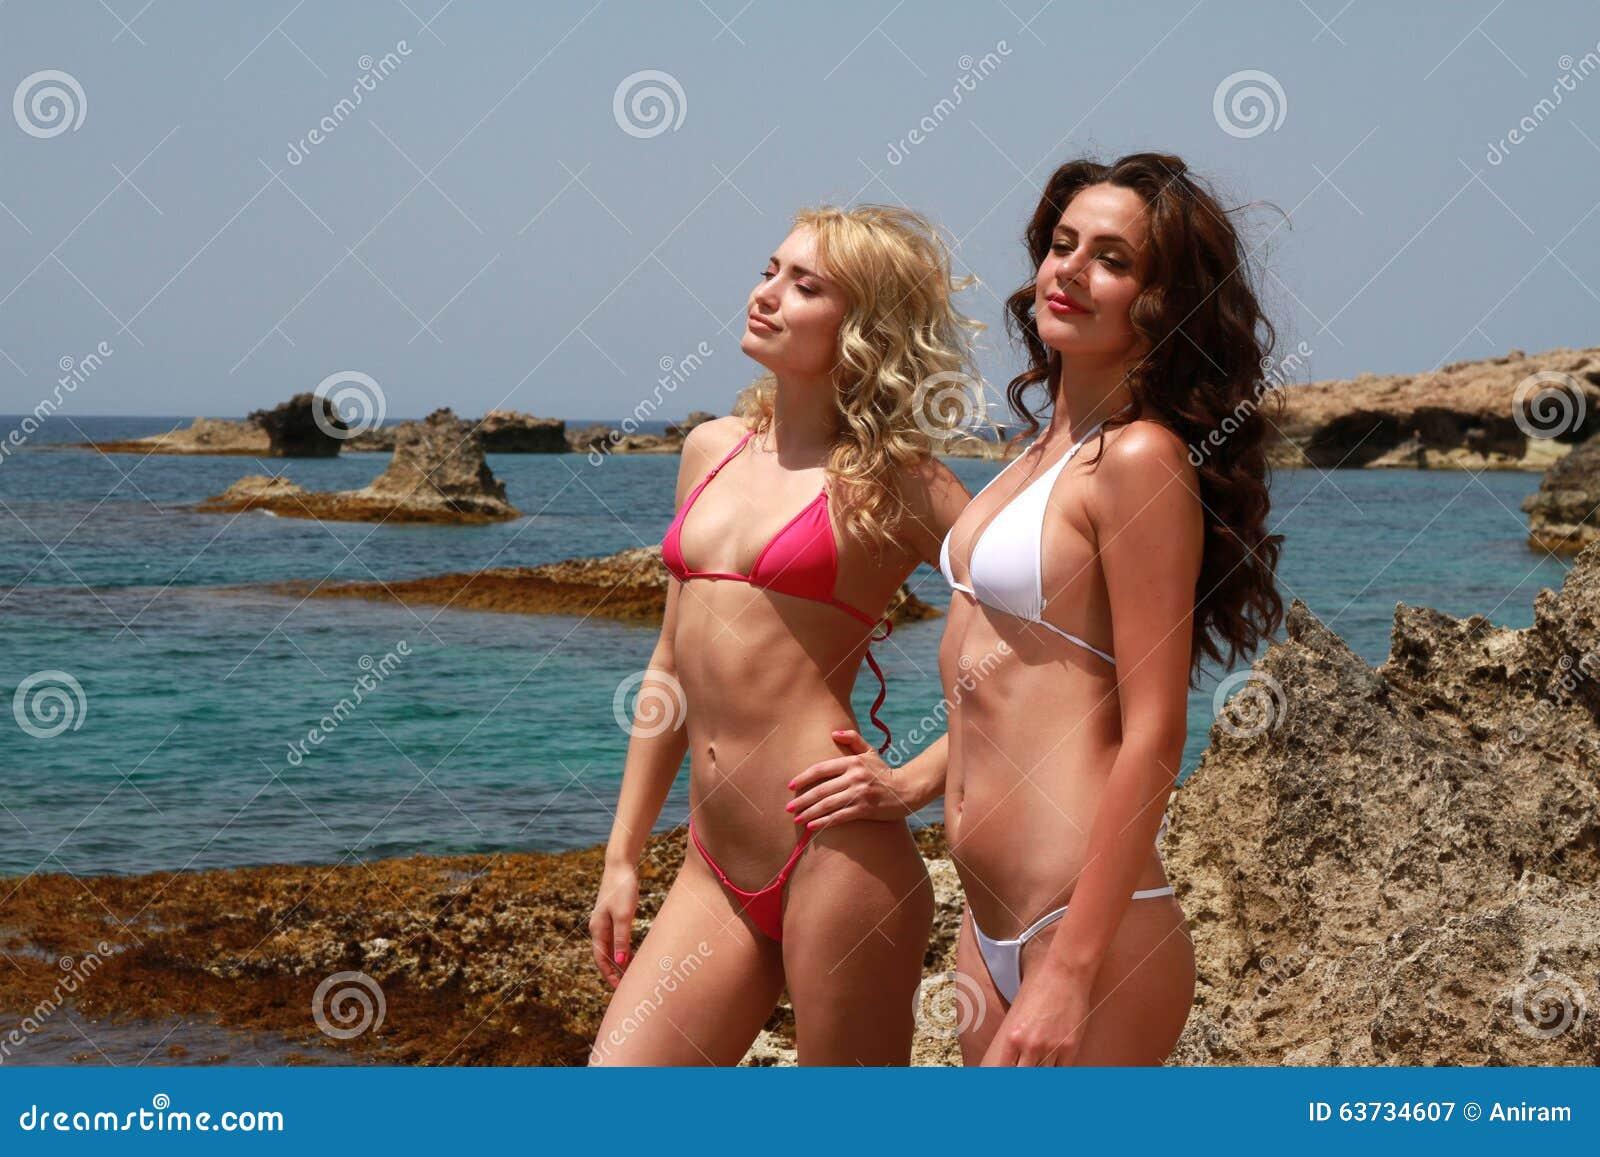 Bar refaeli sex nude